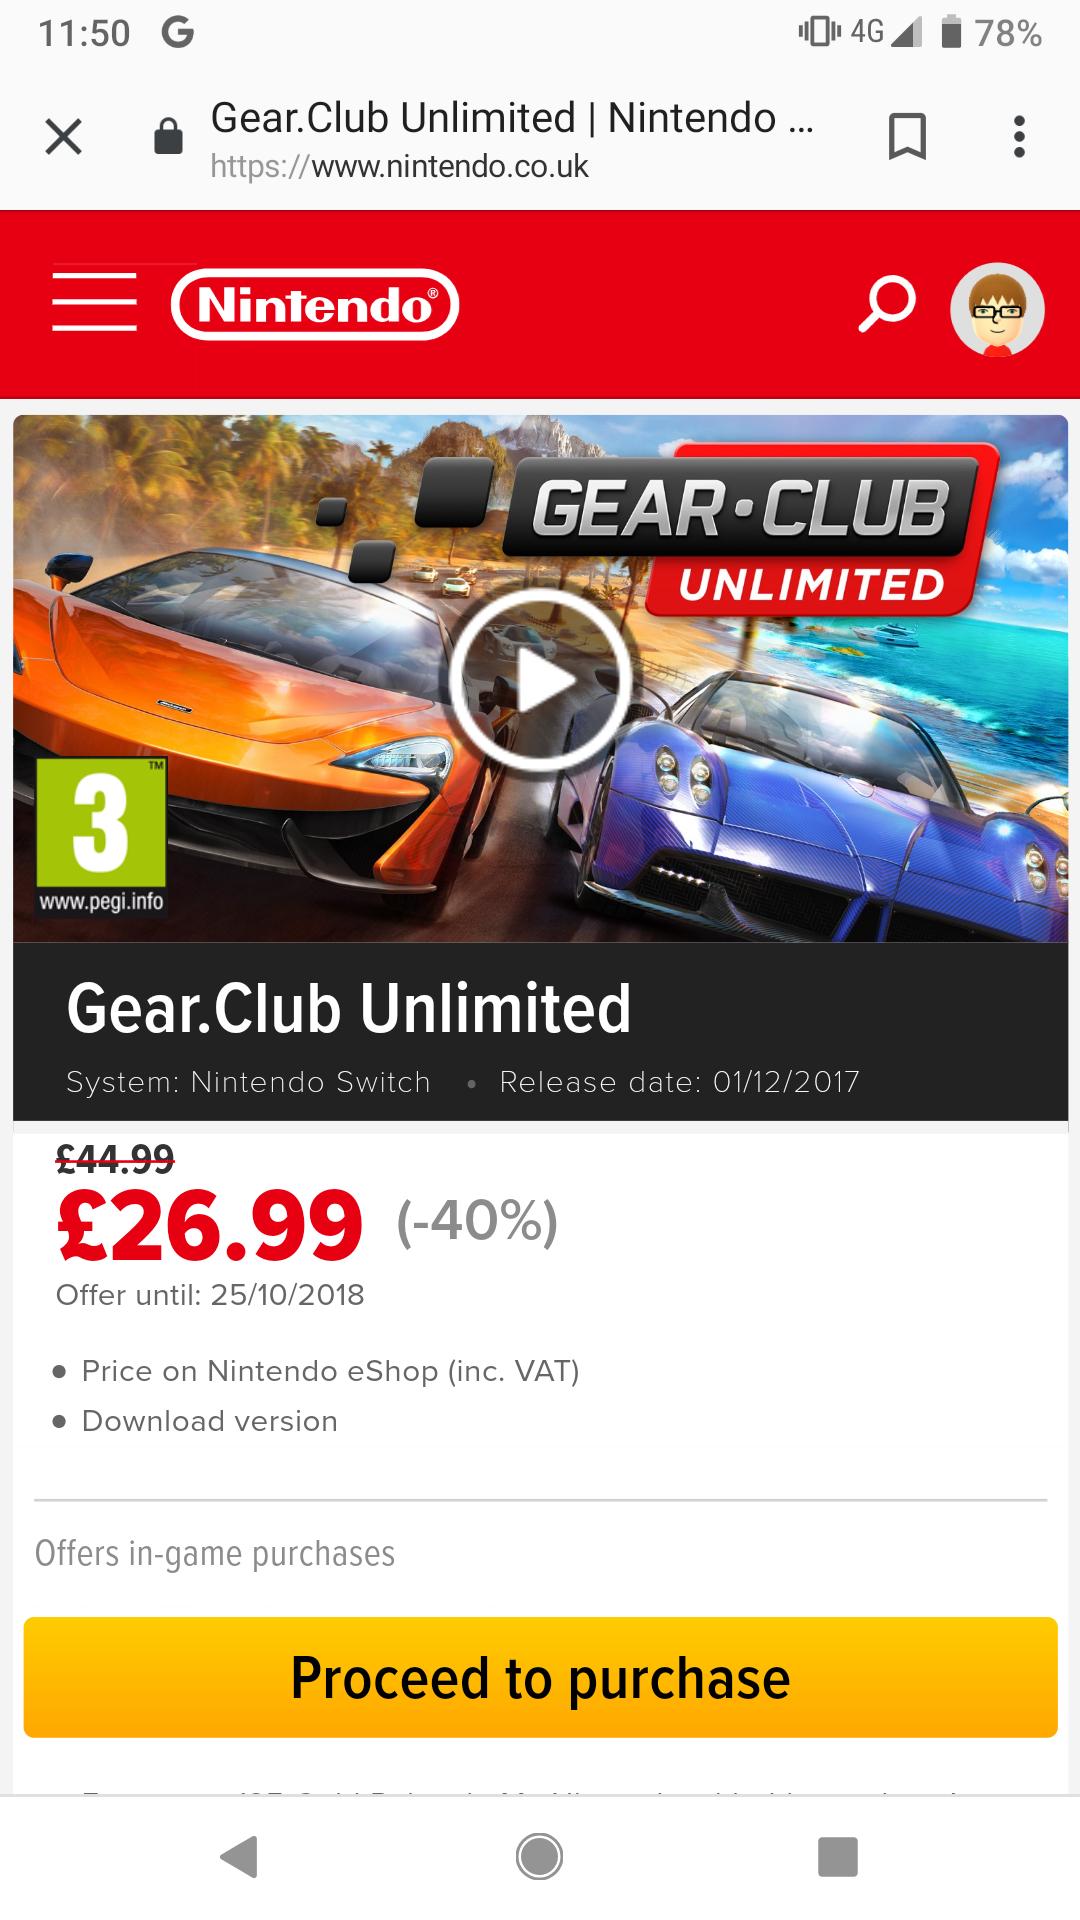 Gear Club Unlimited for Nintendo Switch £26.99 @ Nintendo eShop/website (was £44.99, digital copy)